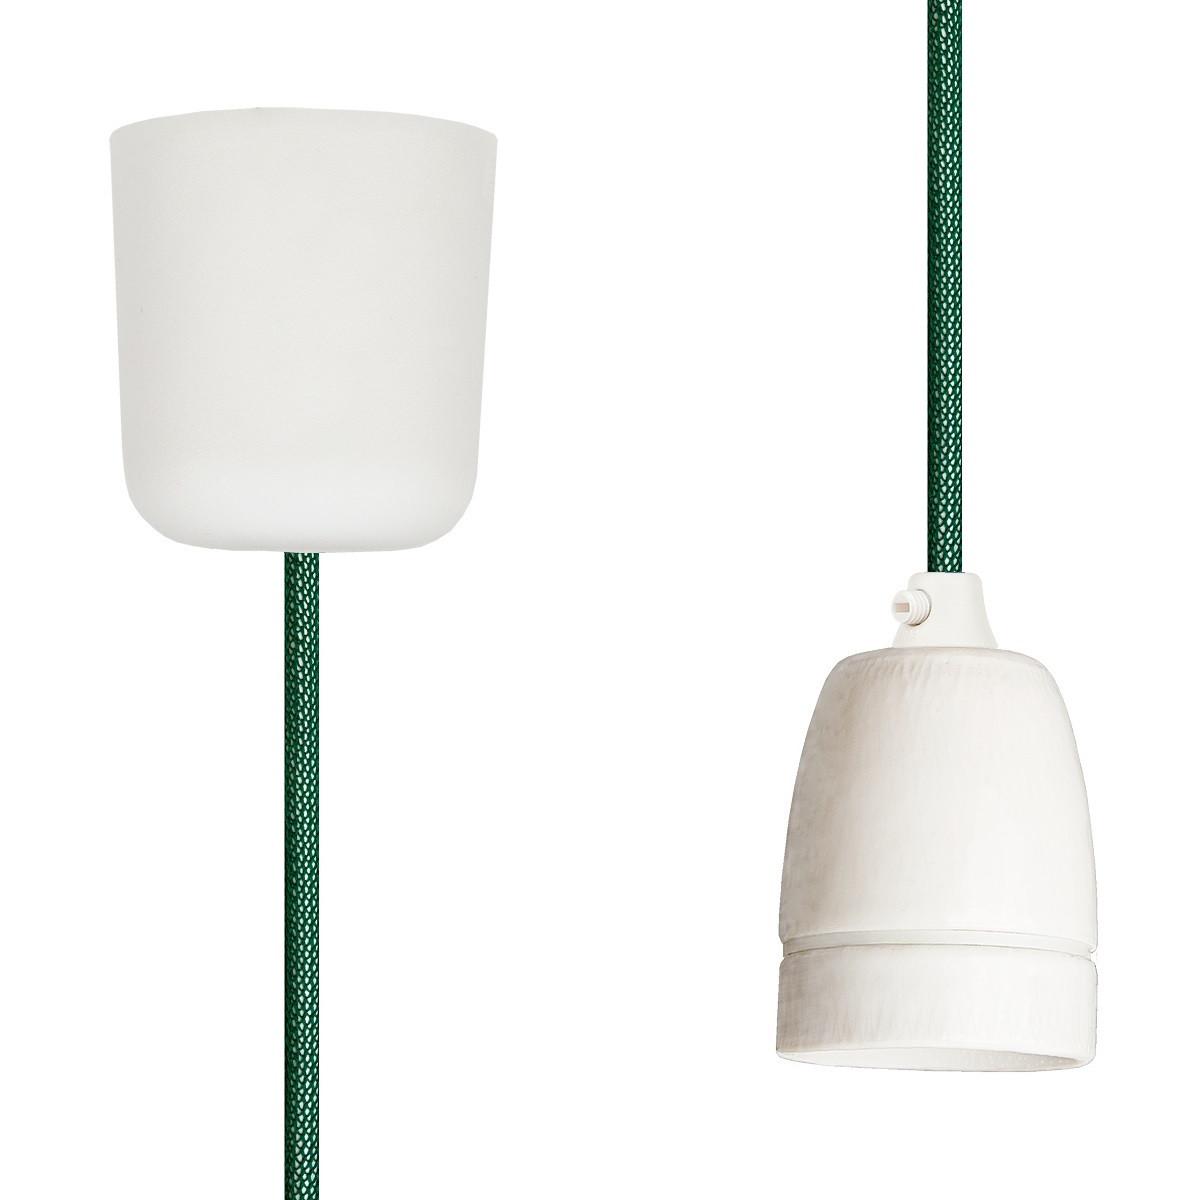 Pendant Lamp Porcelain Green Netlike